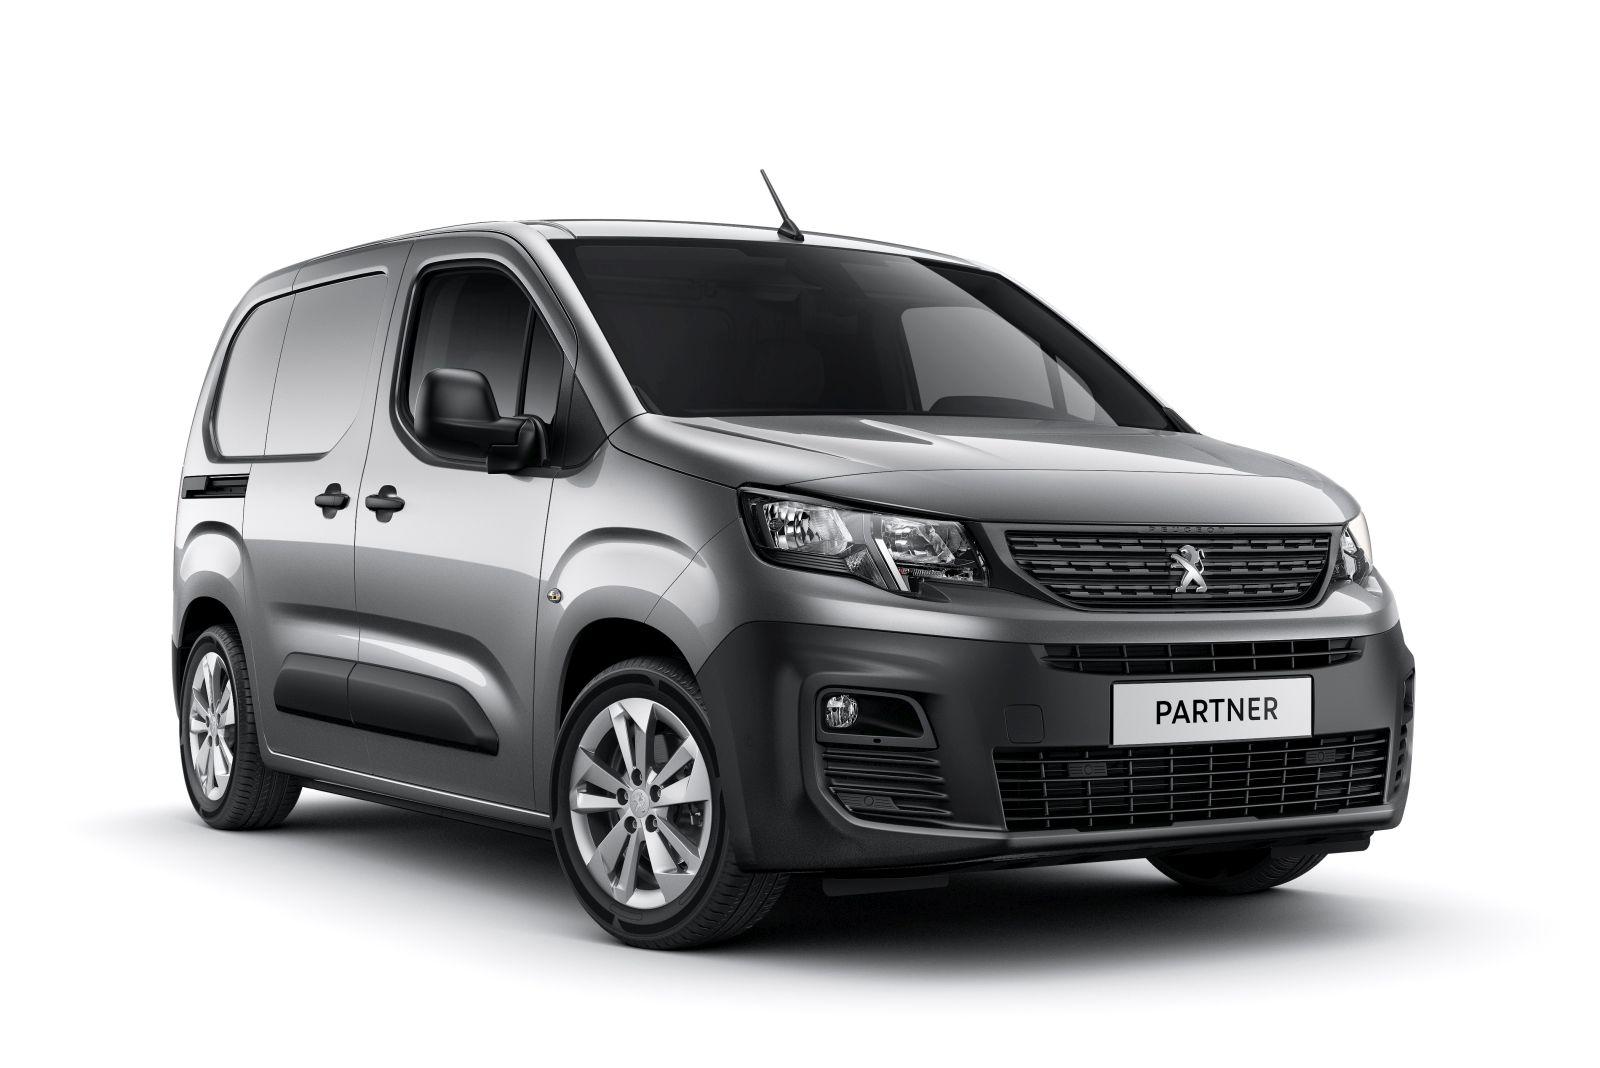 Bemutatták az új Peugeot Partnert is